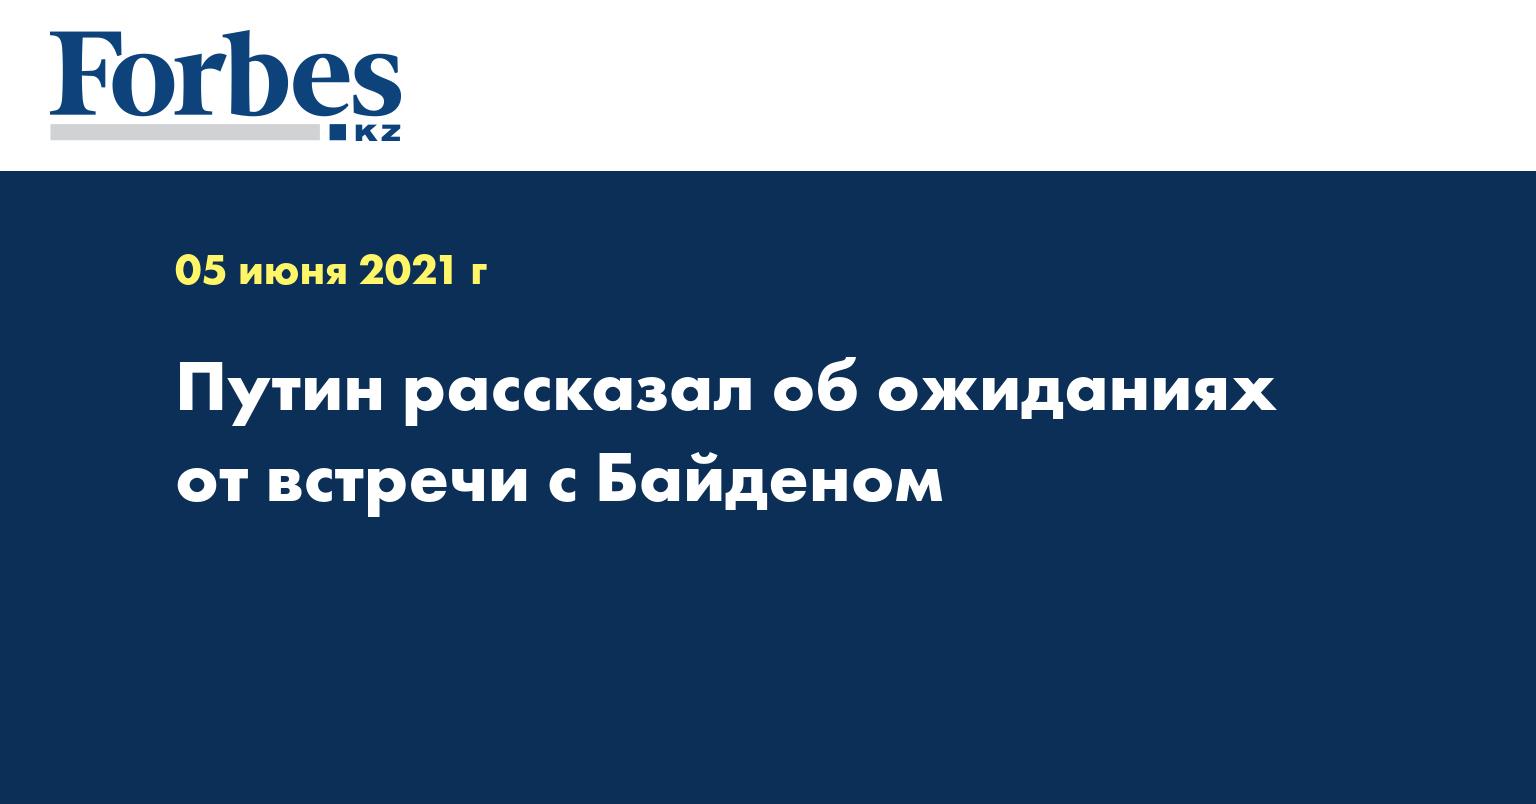 Путин рассказал об ожиданиях от встречи с Байденом